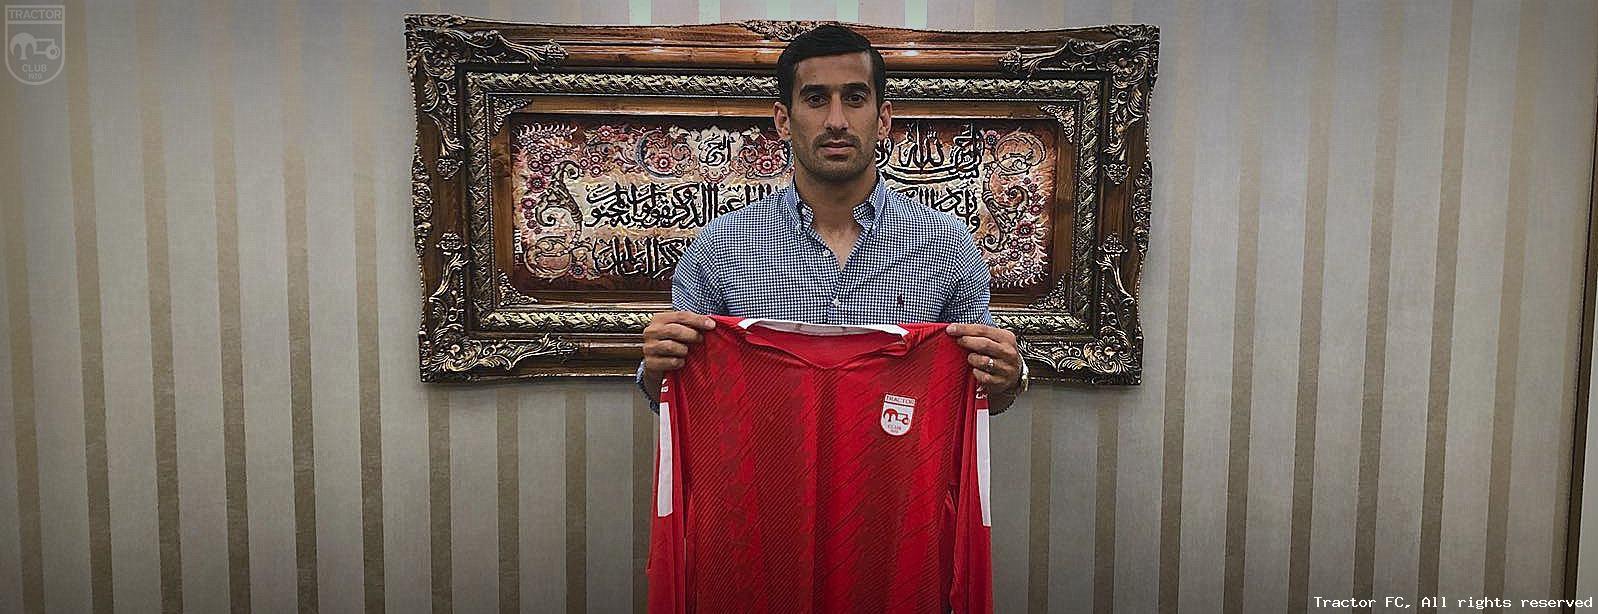 官方:伊朗球队签下哈伊萨菲